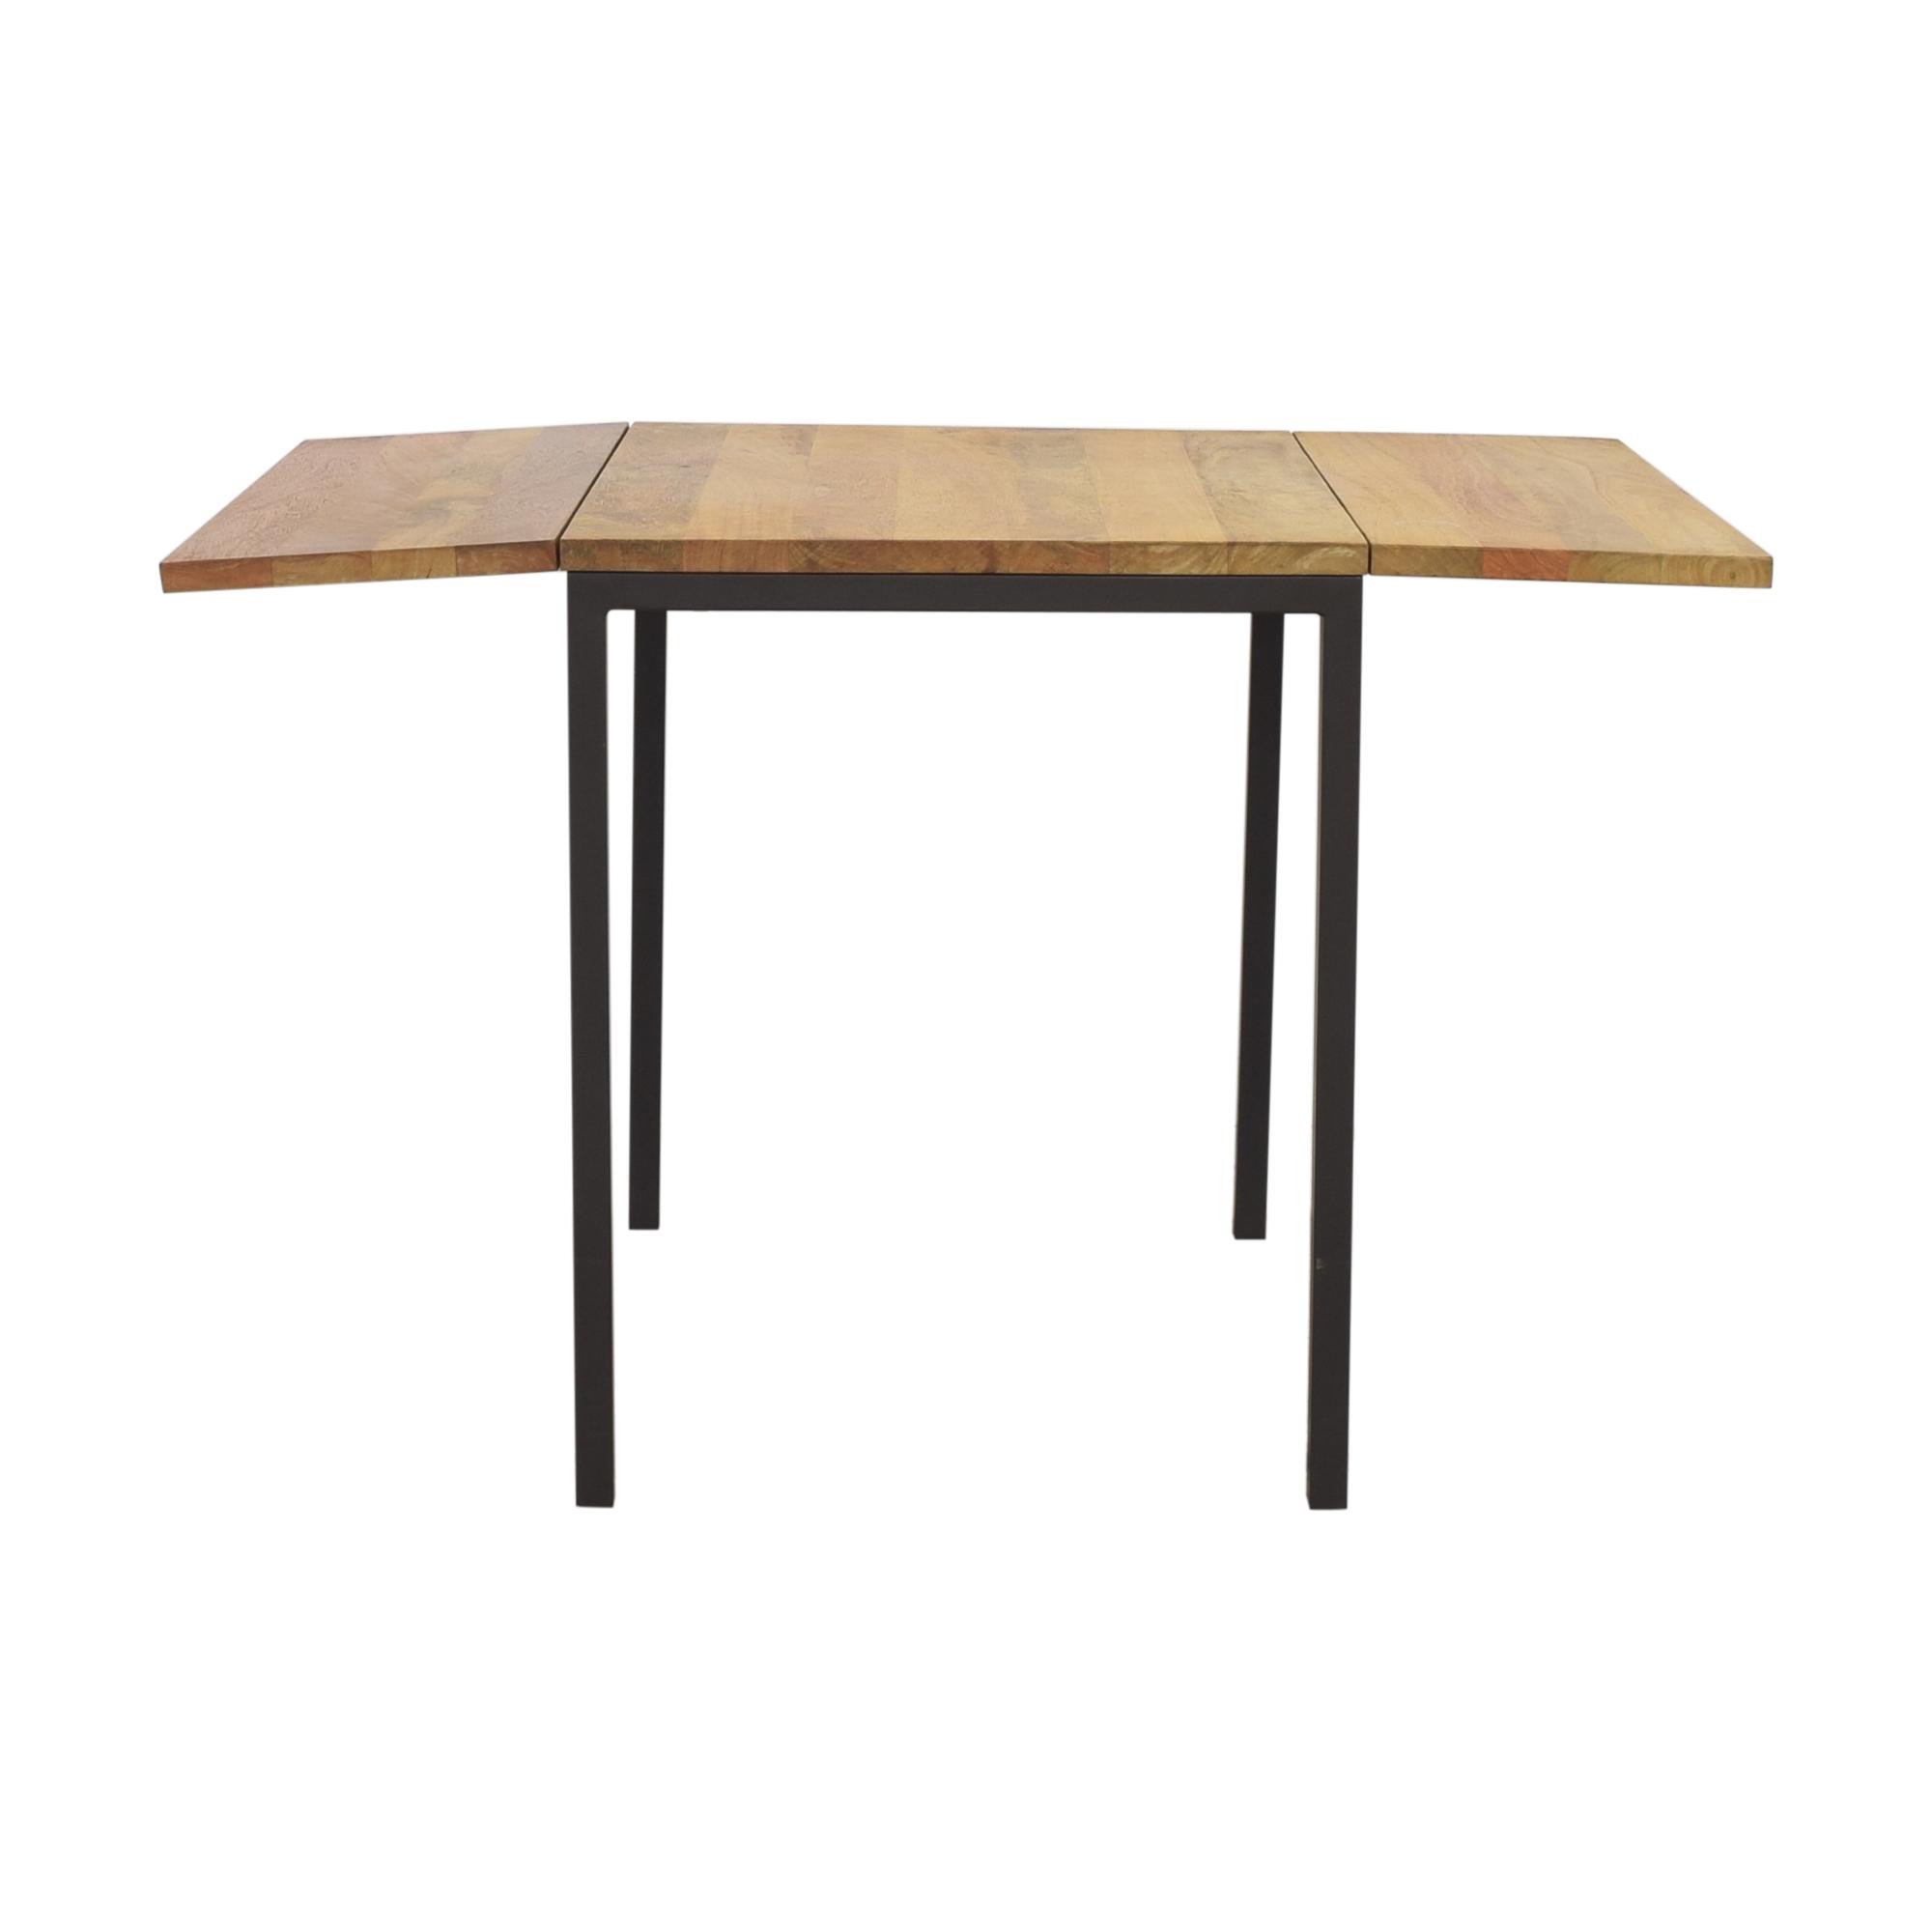 West Elm West Elm Box Frame Drop Leaf Expandable Table brown